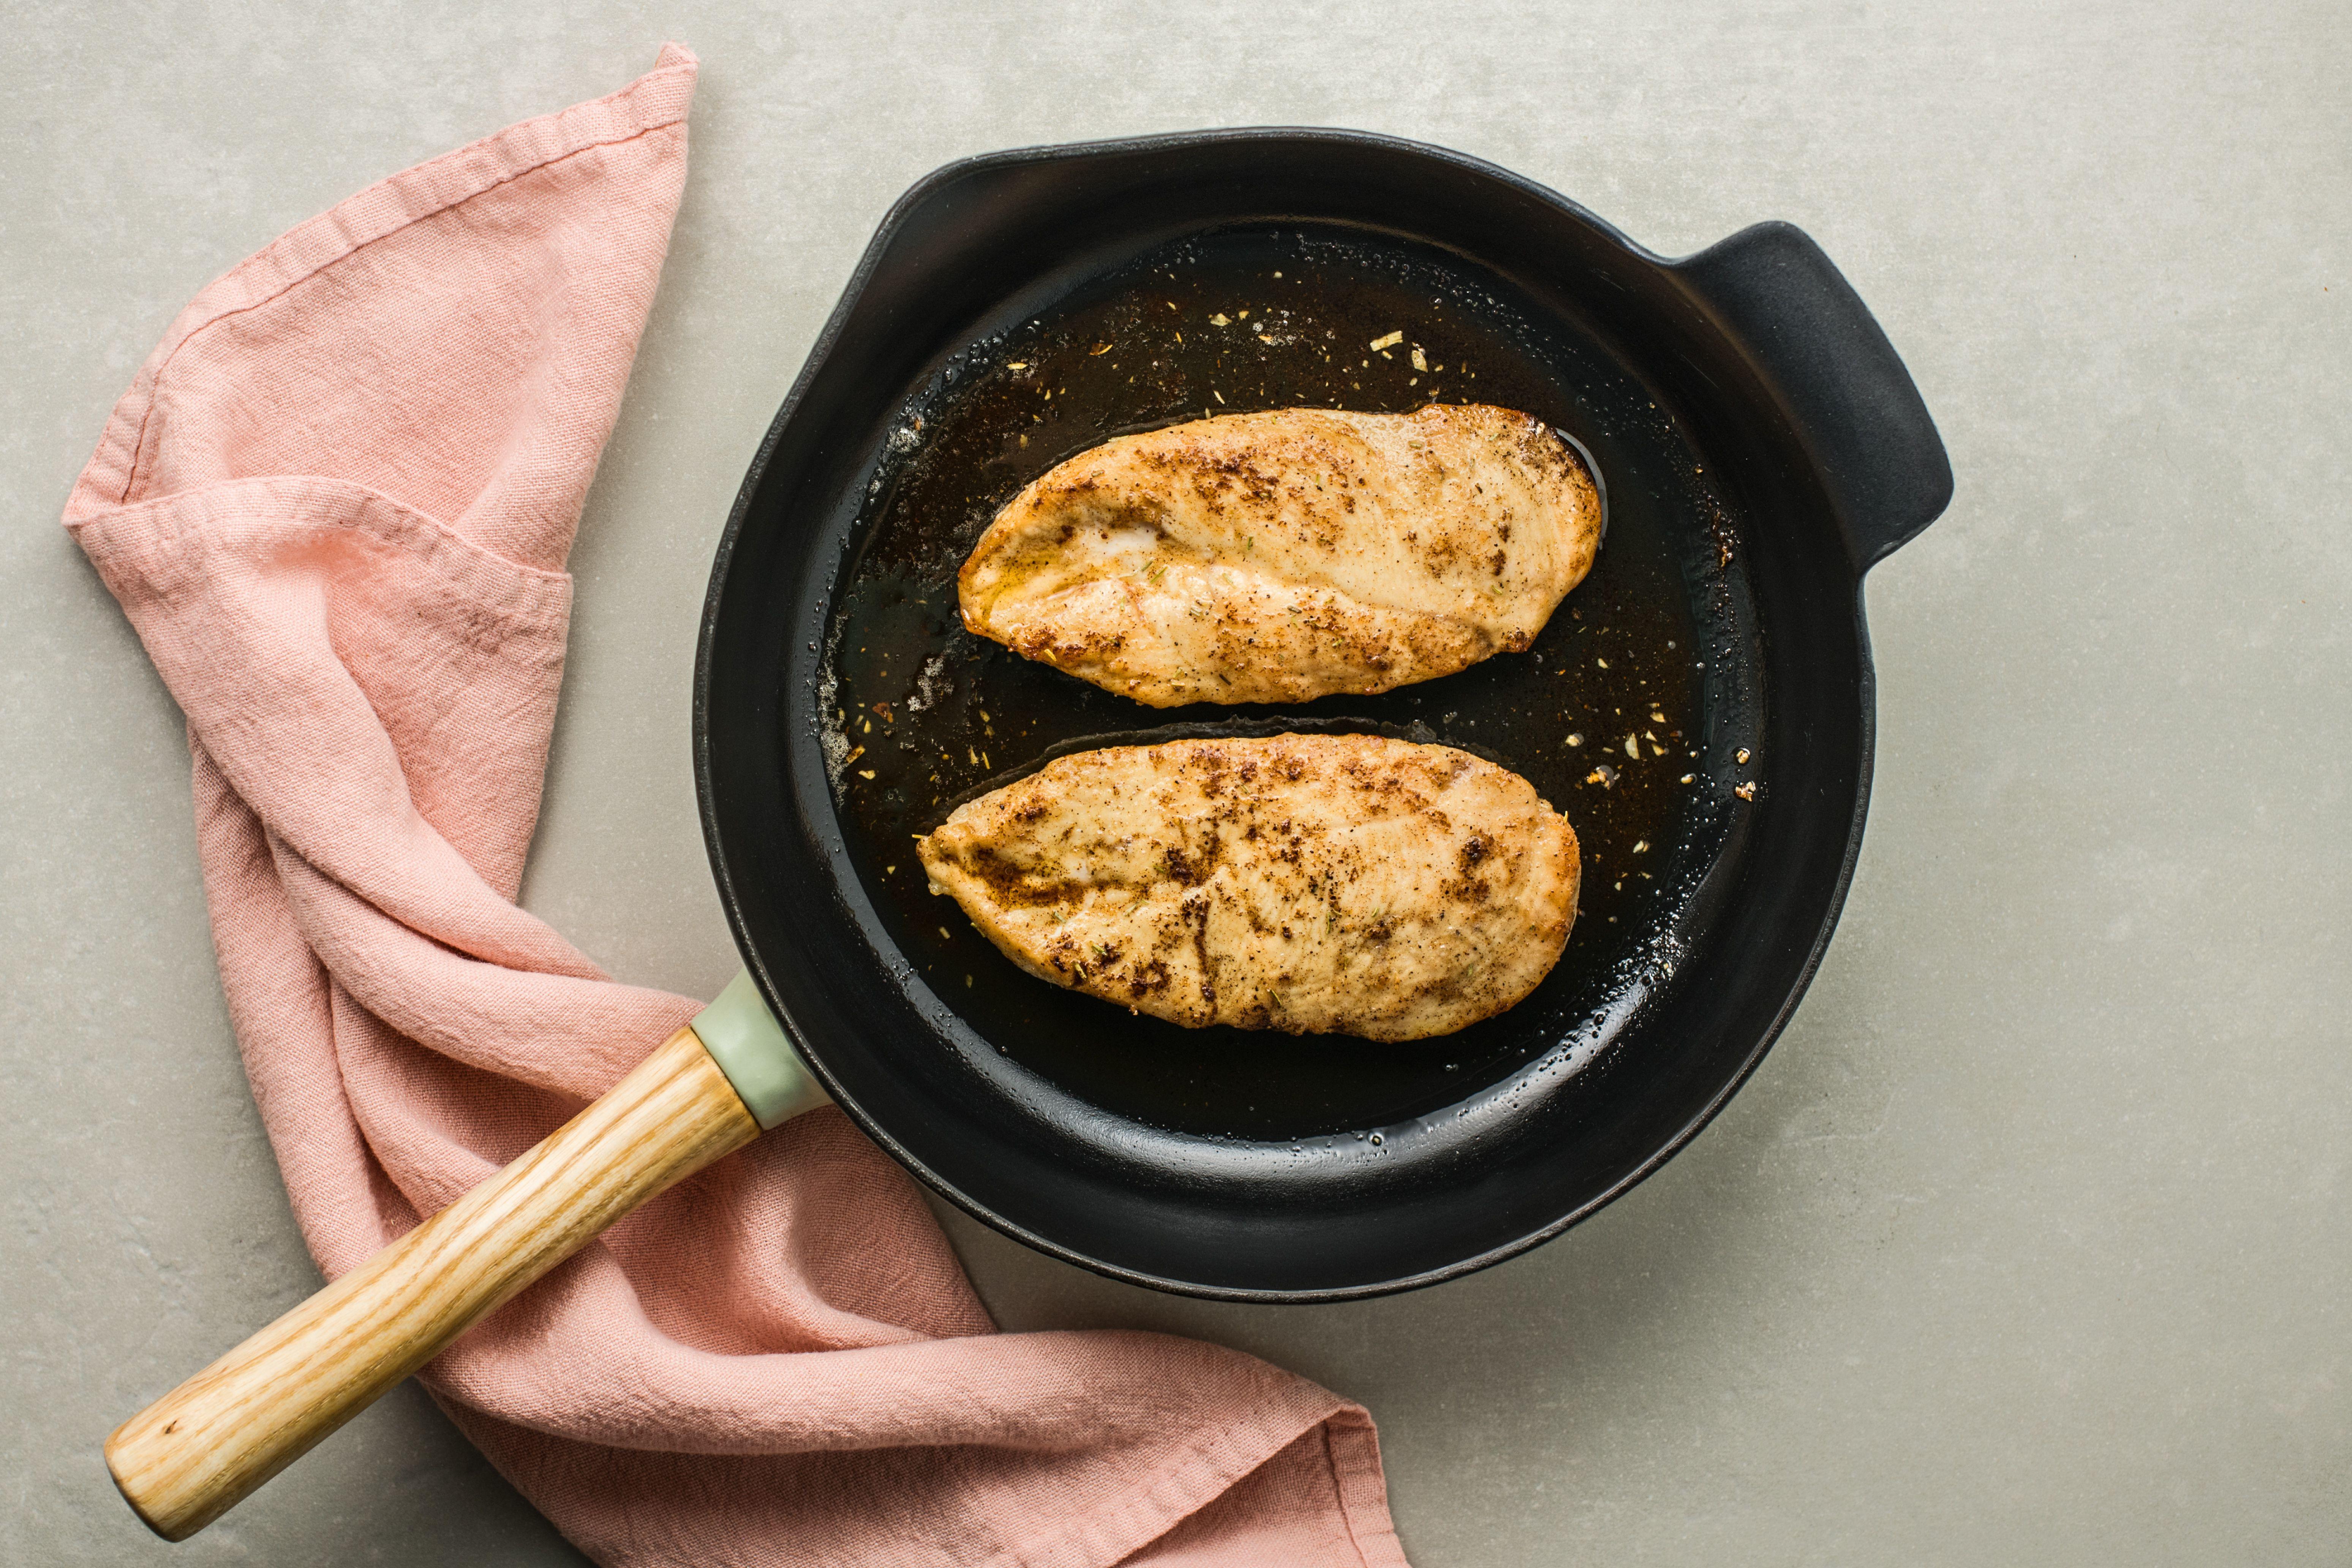 Chicken in skillet